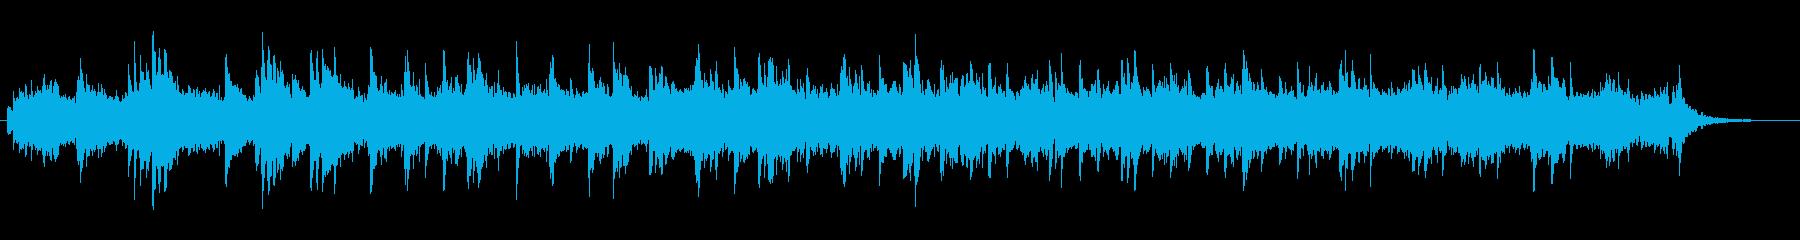 水の中をゆったりと漂うイメージの曲の再生済みの波形